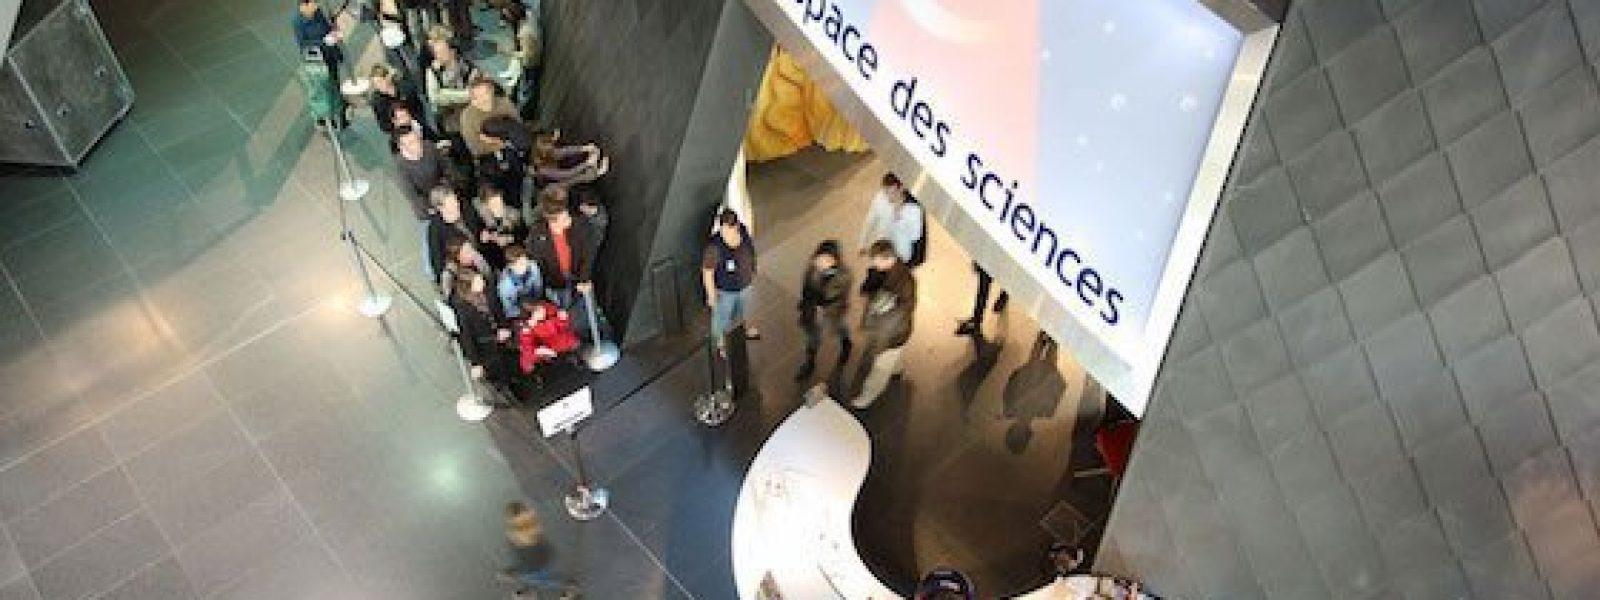 Horaires et tarifs des musées de Rennes